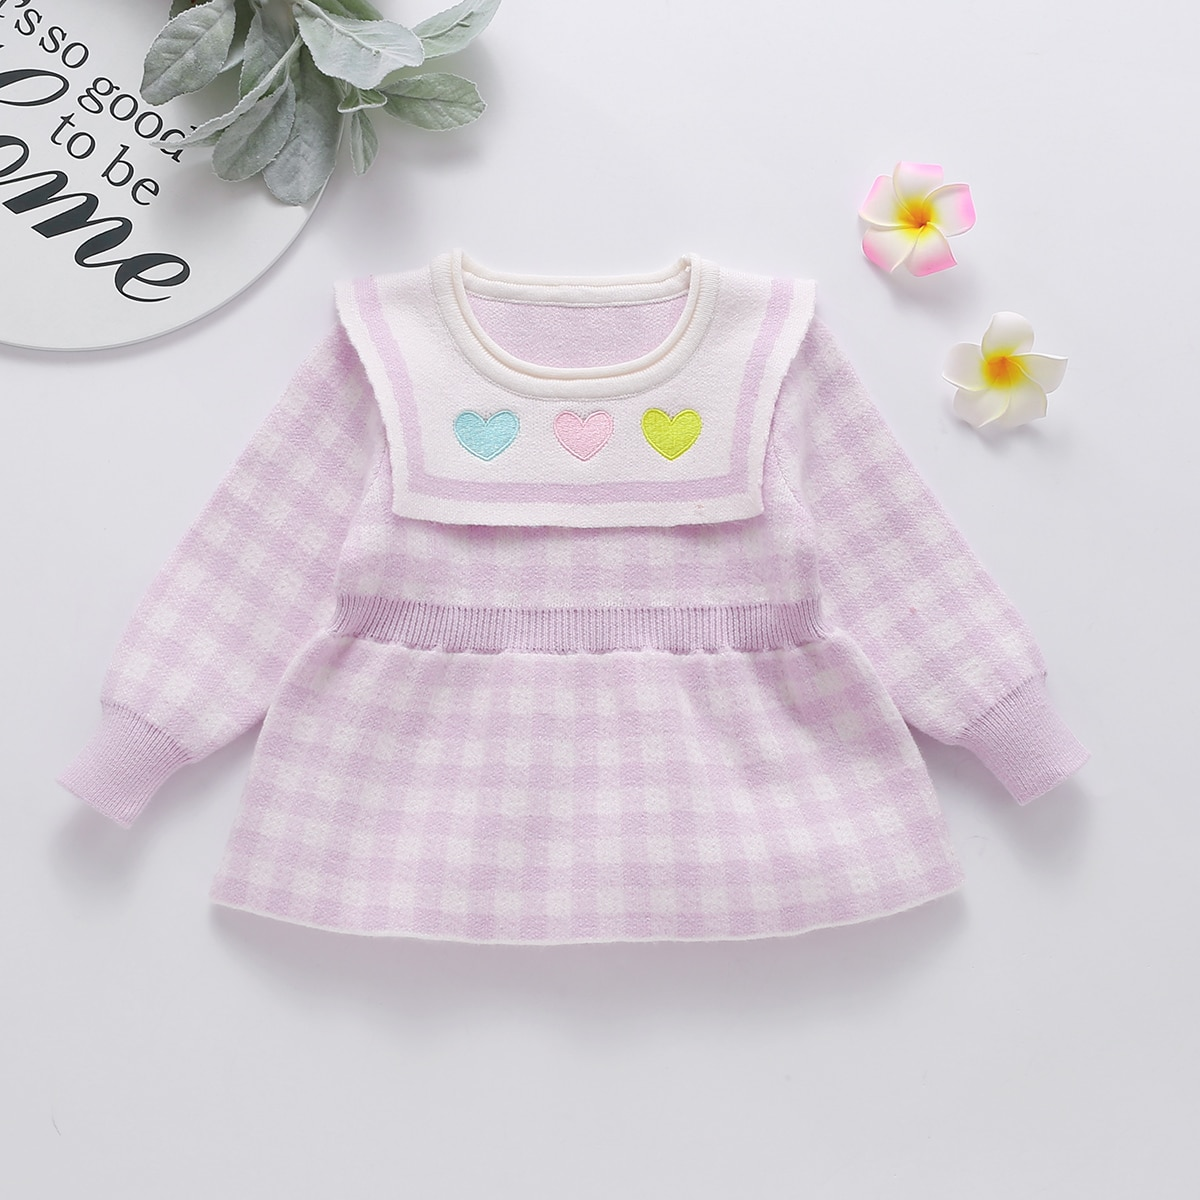 С вышивкой клетка милый трикотажные платья для девочек